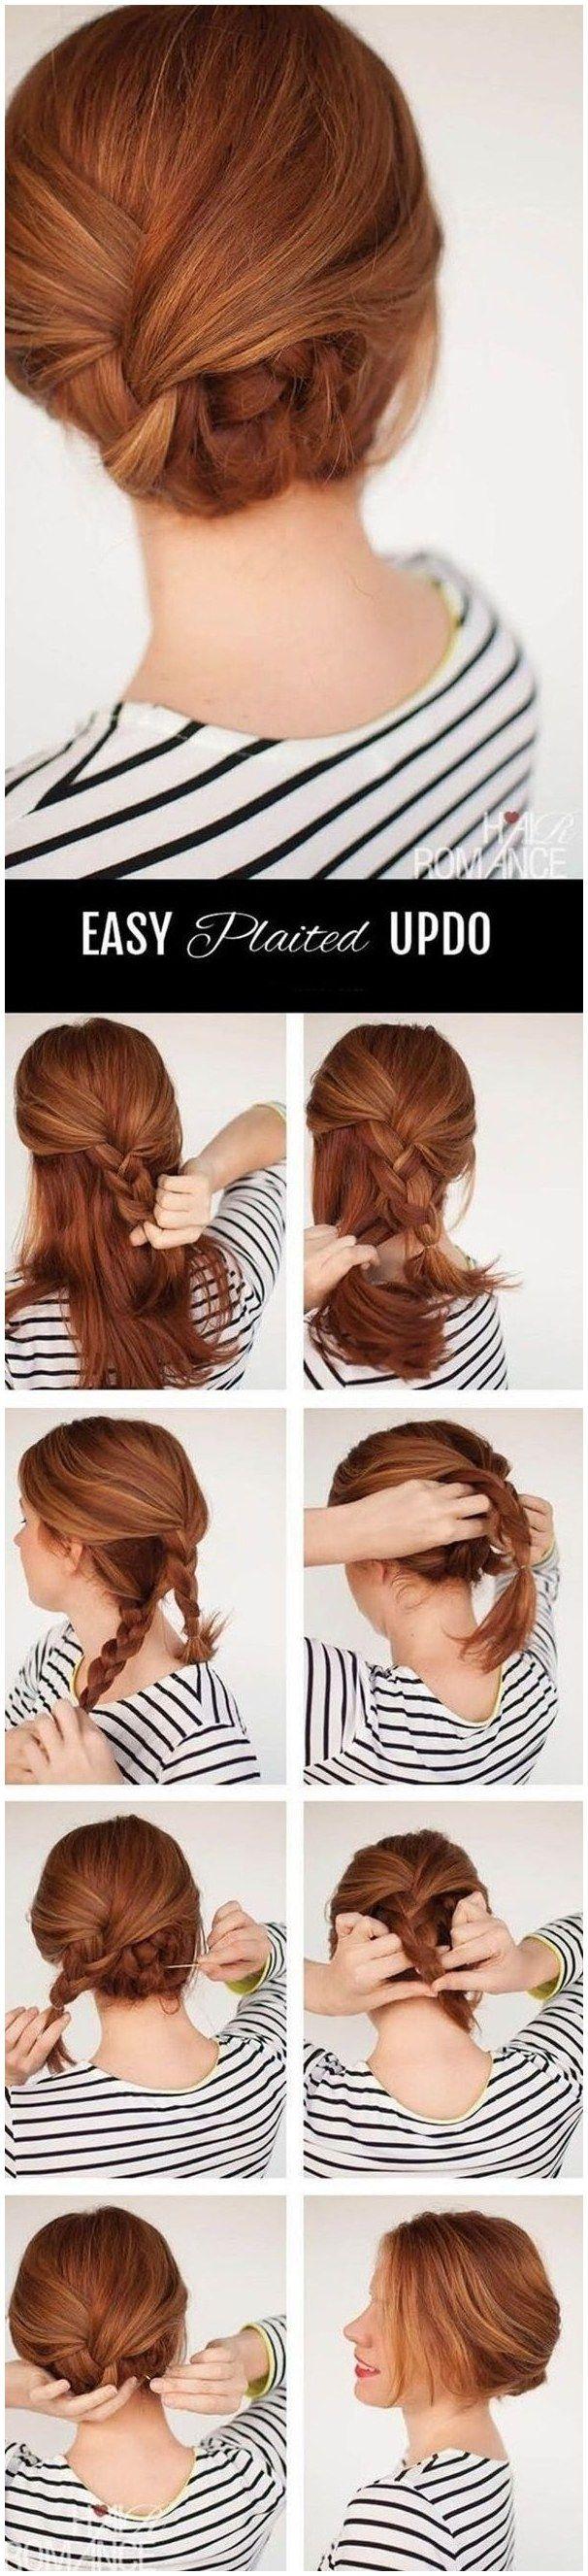 Shorthair wavyhair hairstyles quickhairstyletutorialsforoffice